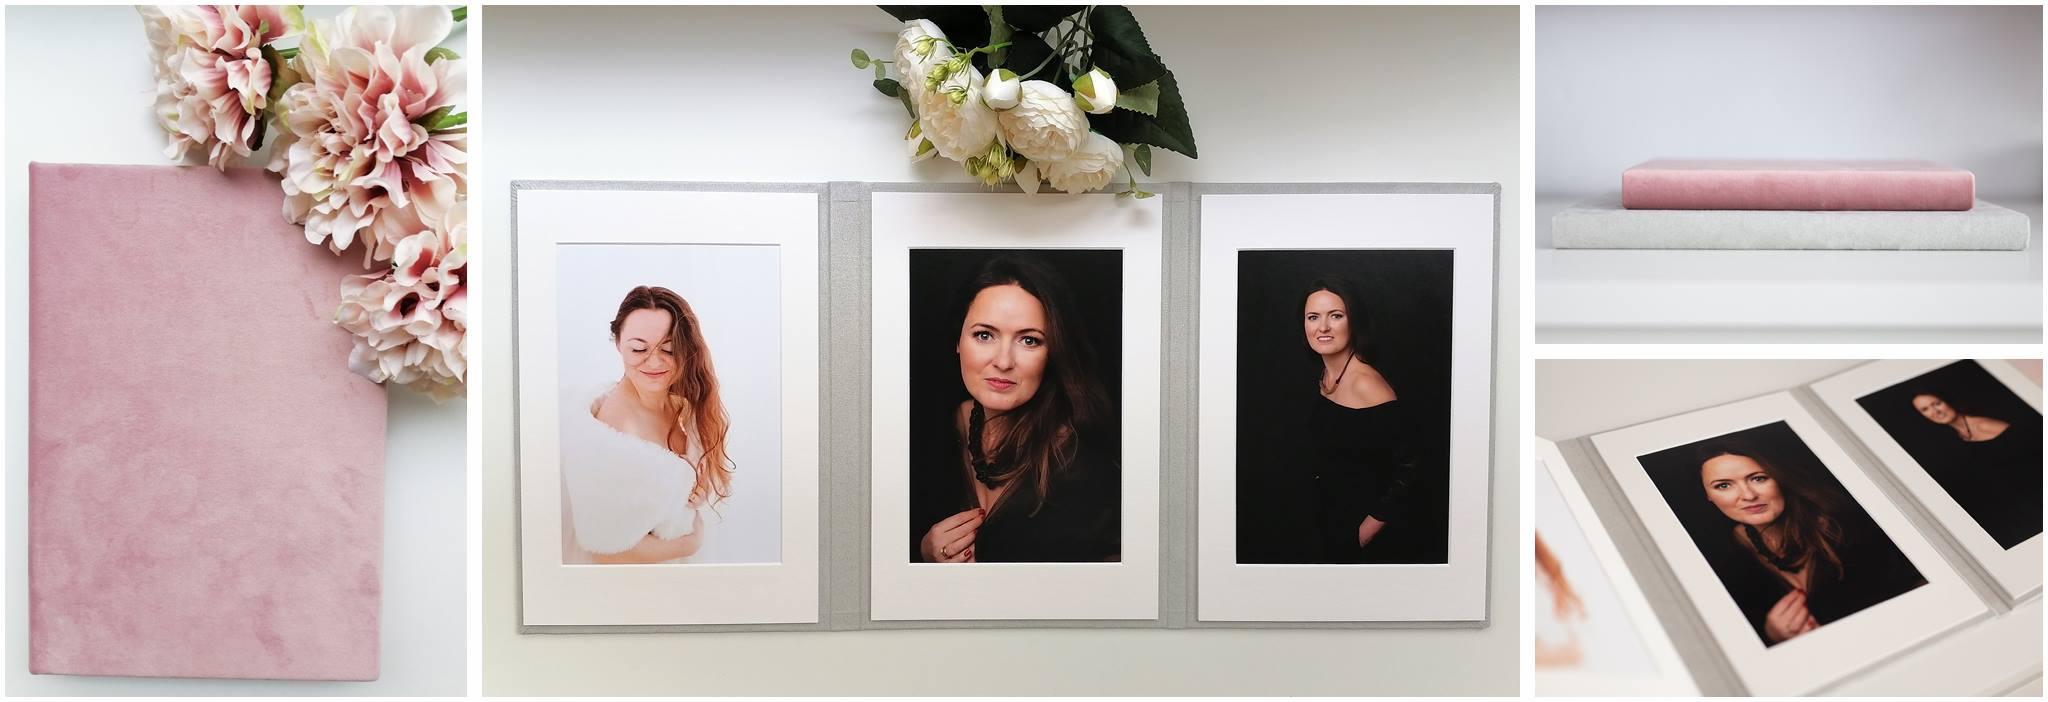 Oferta Katarzyna Rudnik - Fotografia portretowa i kobieca